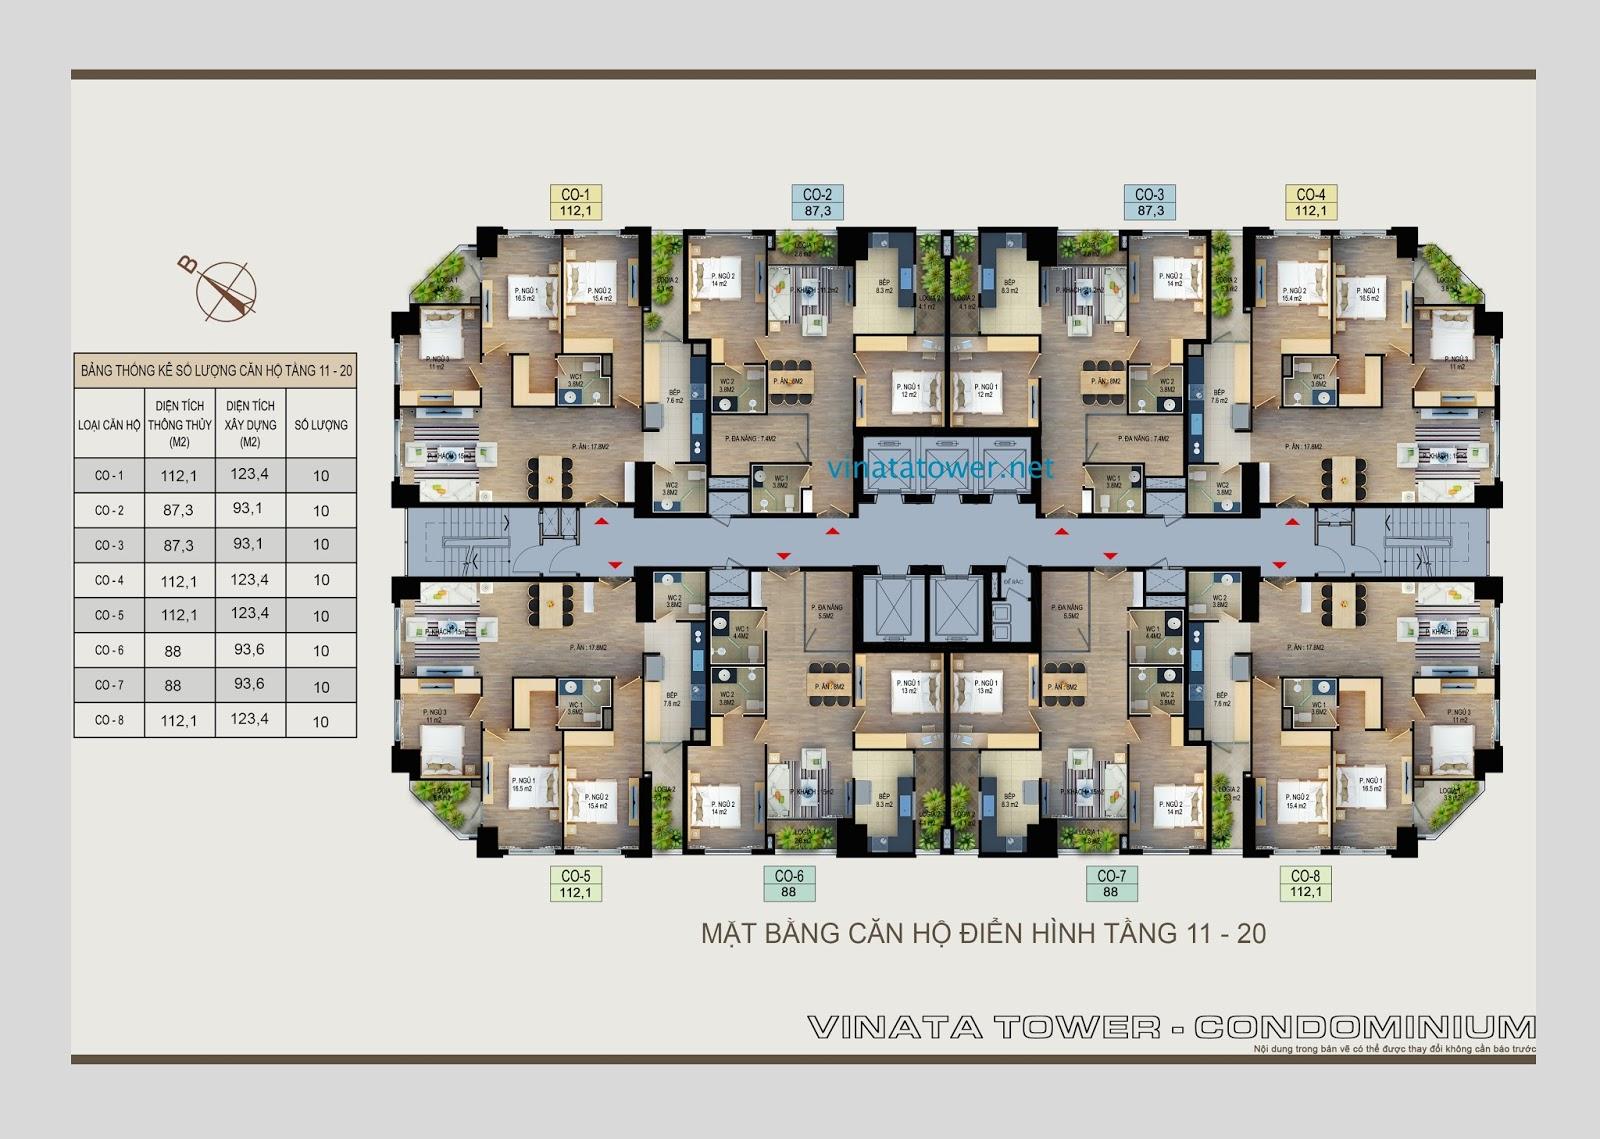 Mặt bằng tầng 11 đến tầng 20 chung cư Vinata Towers